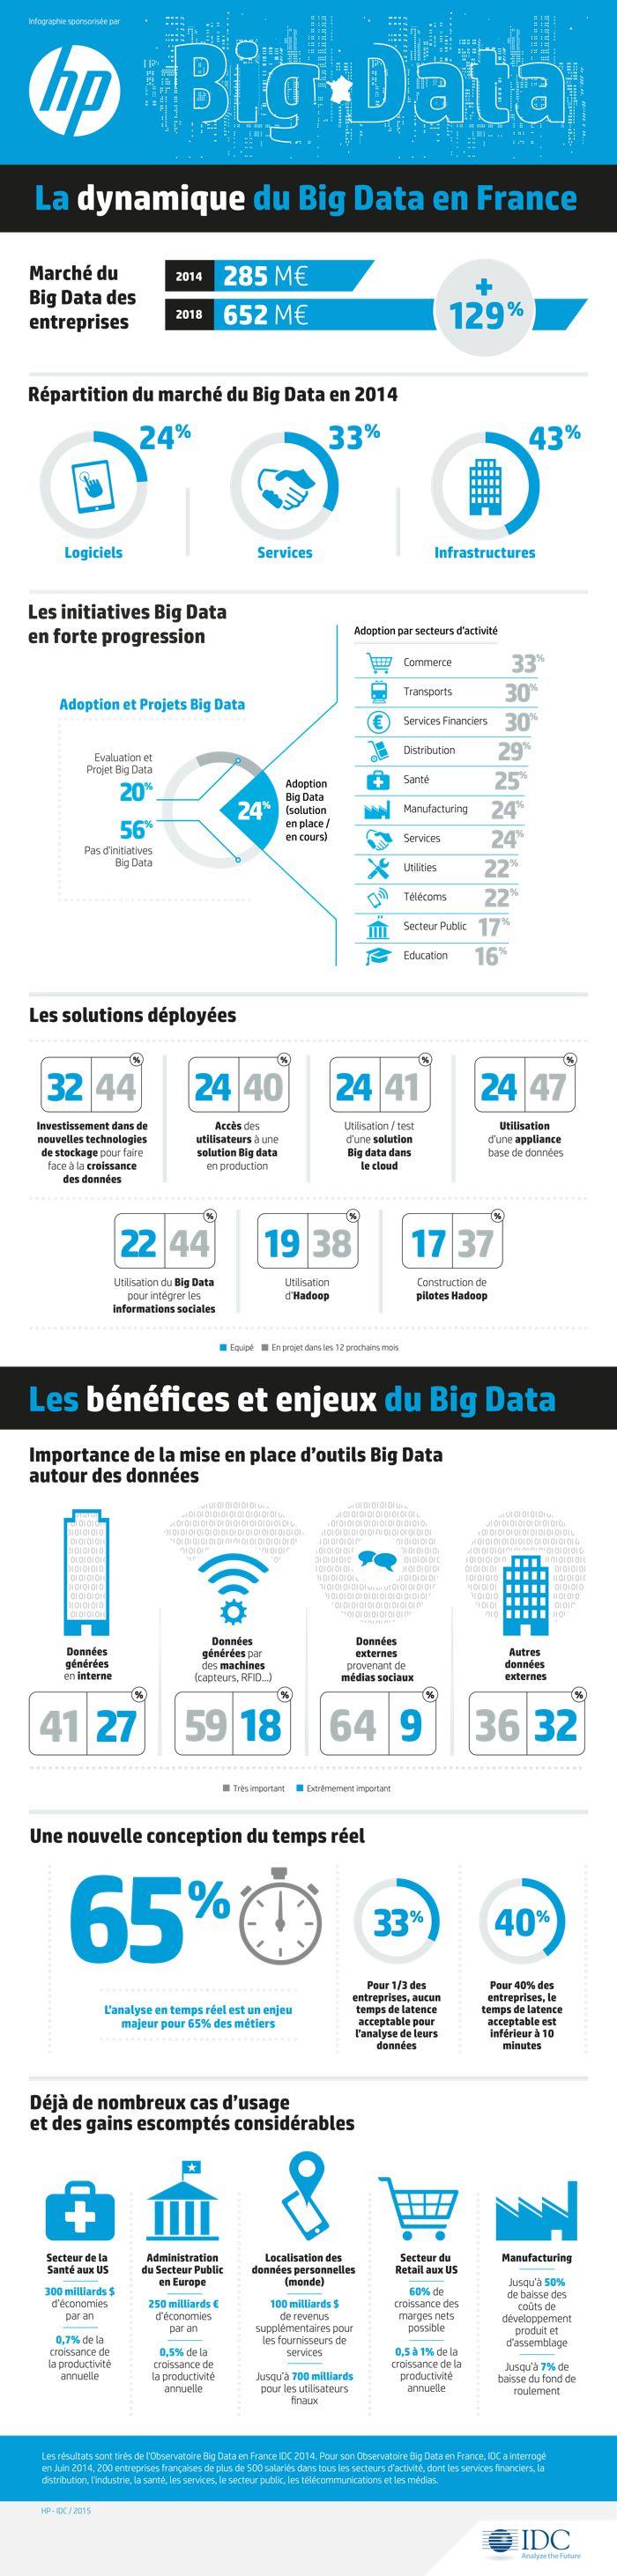 Une infographie pour comprendre la dynamique du Big Data en France